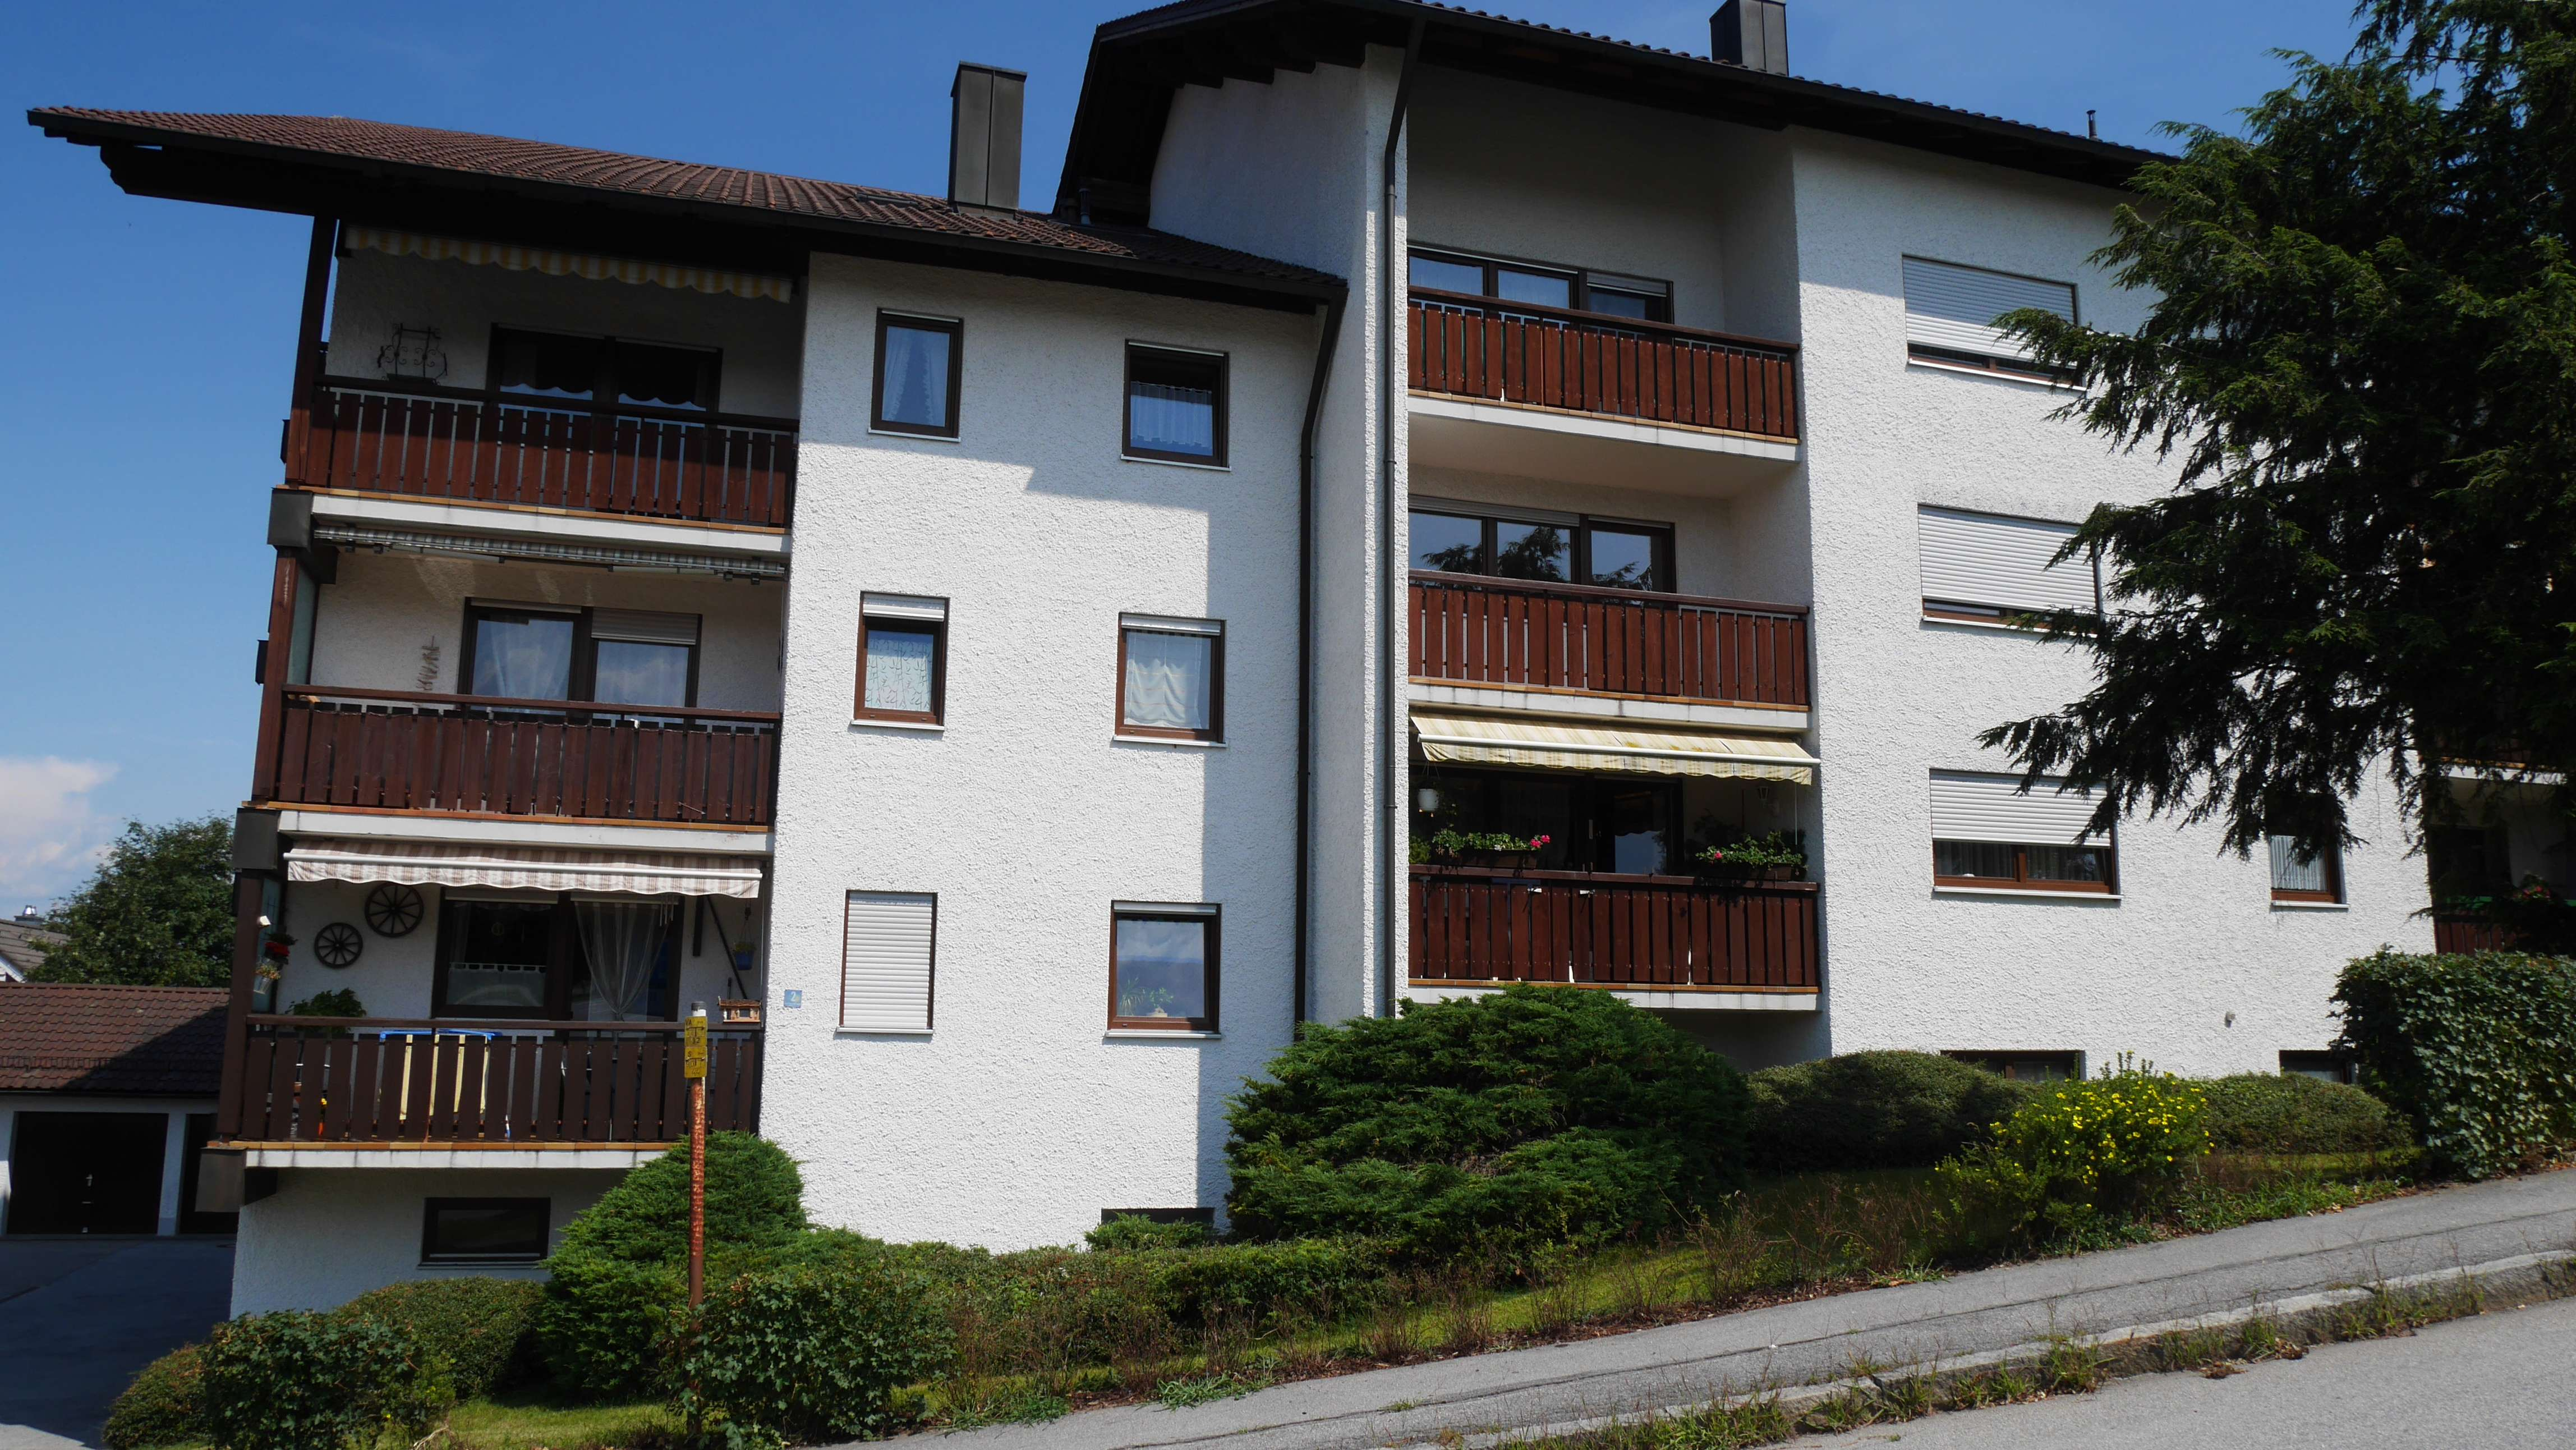 Renovierte 3-Zimmer-Wohnung in Passau-Grubweg